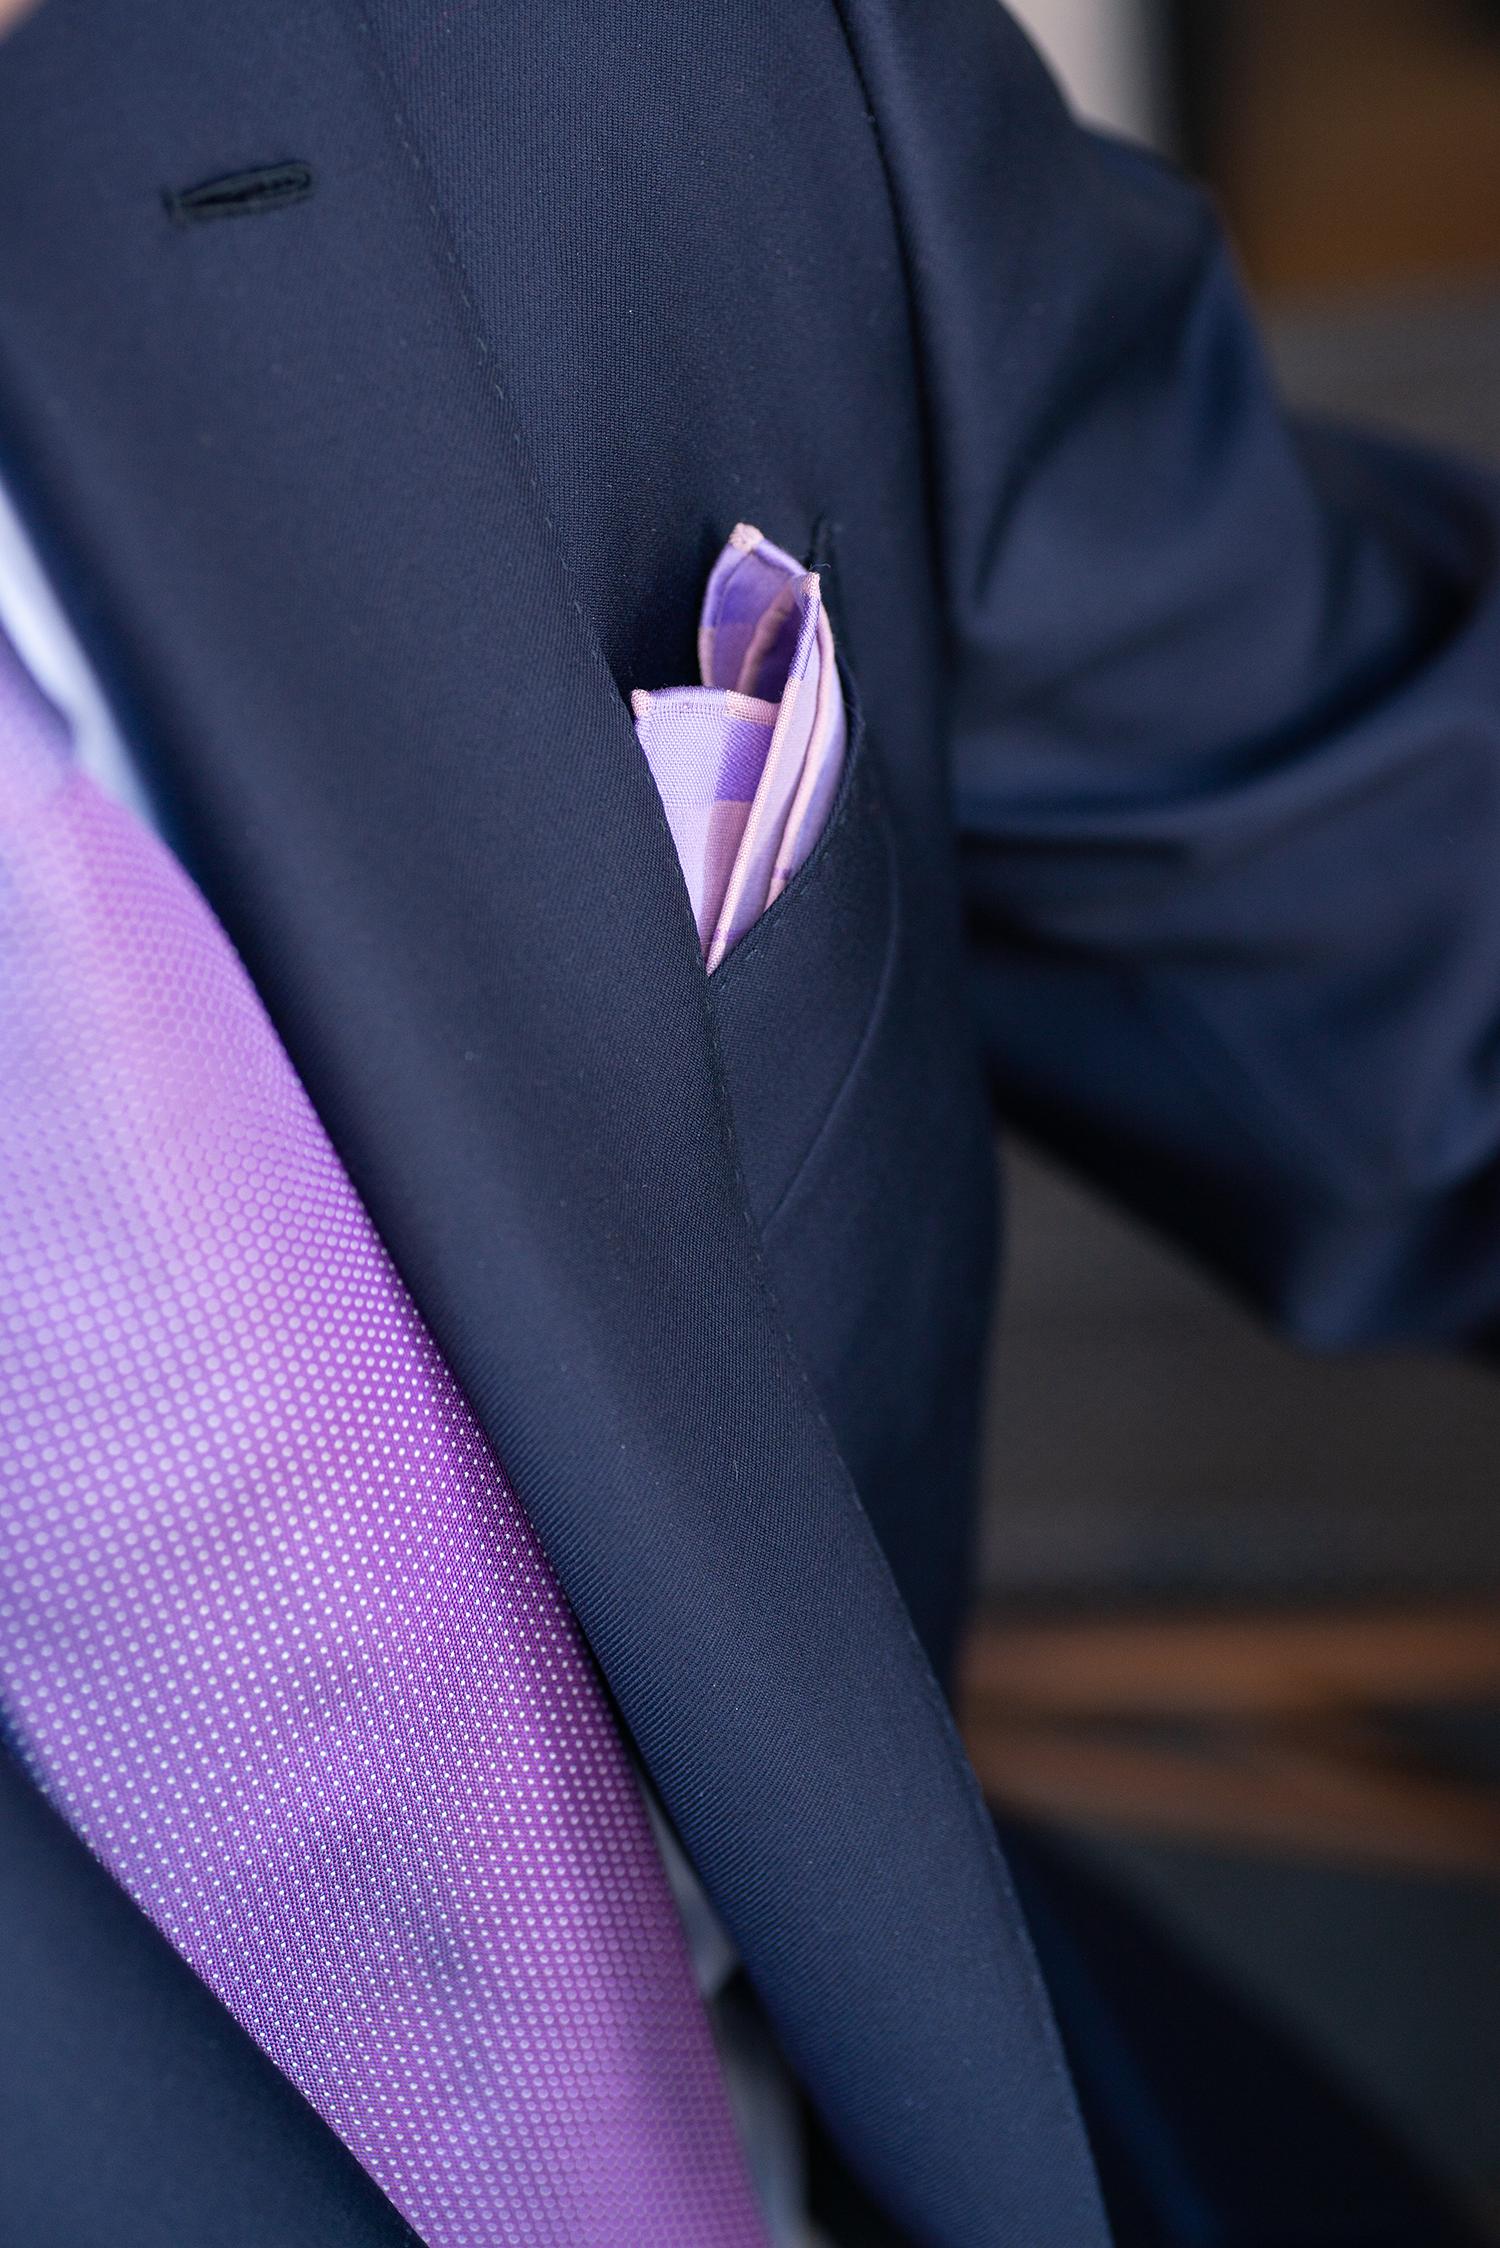 revers cousu au petit point, costume sur mesure, costume bleu sur mesure, costume sur mesure paris, costume sur mesure homme